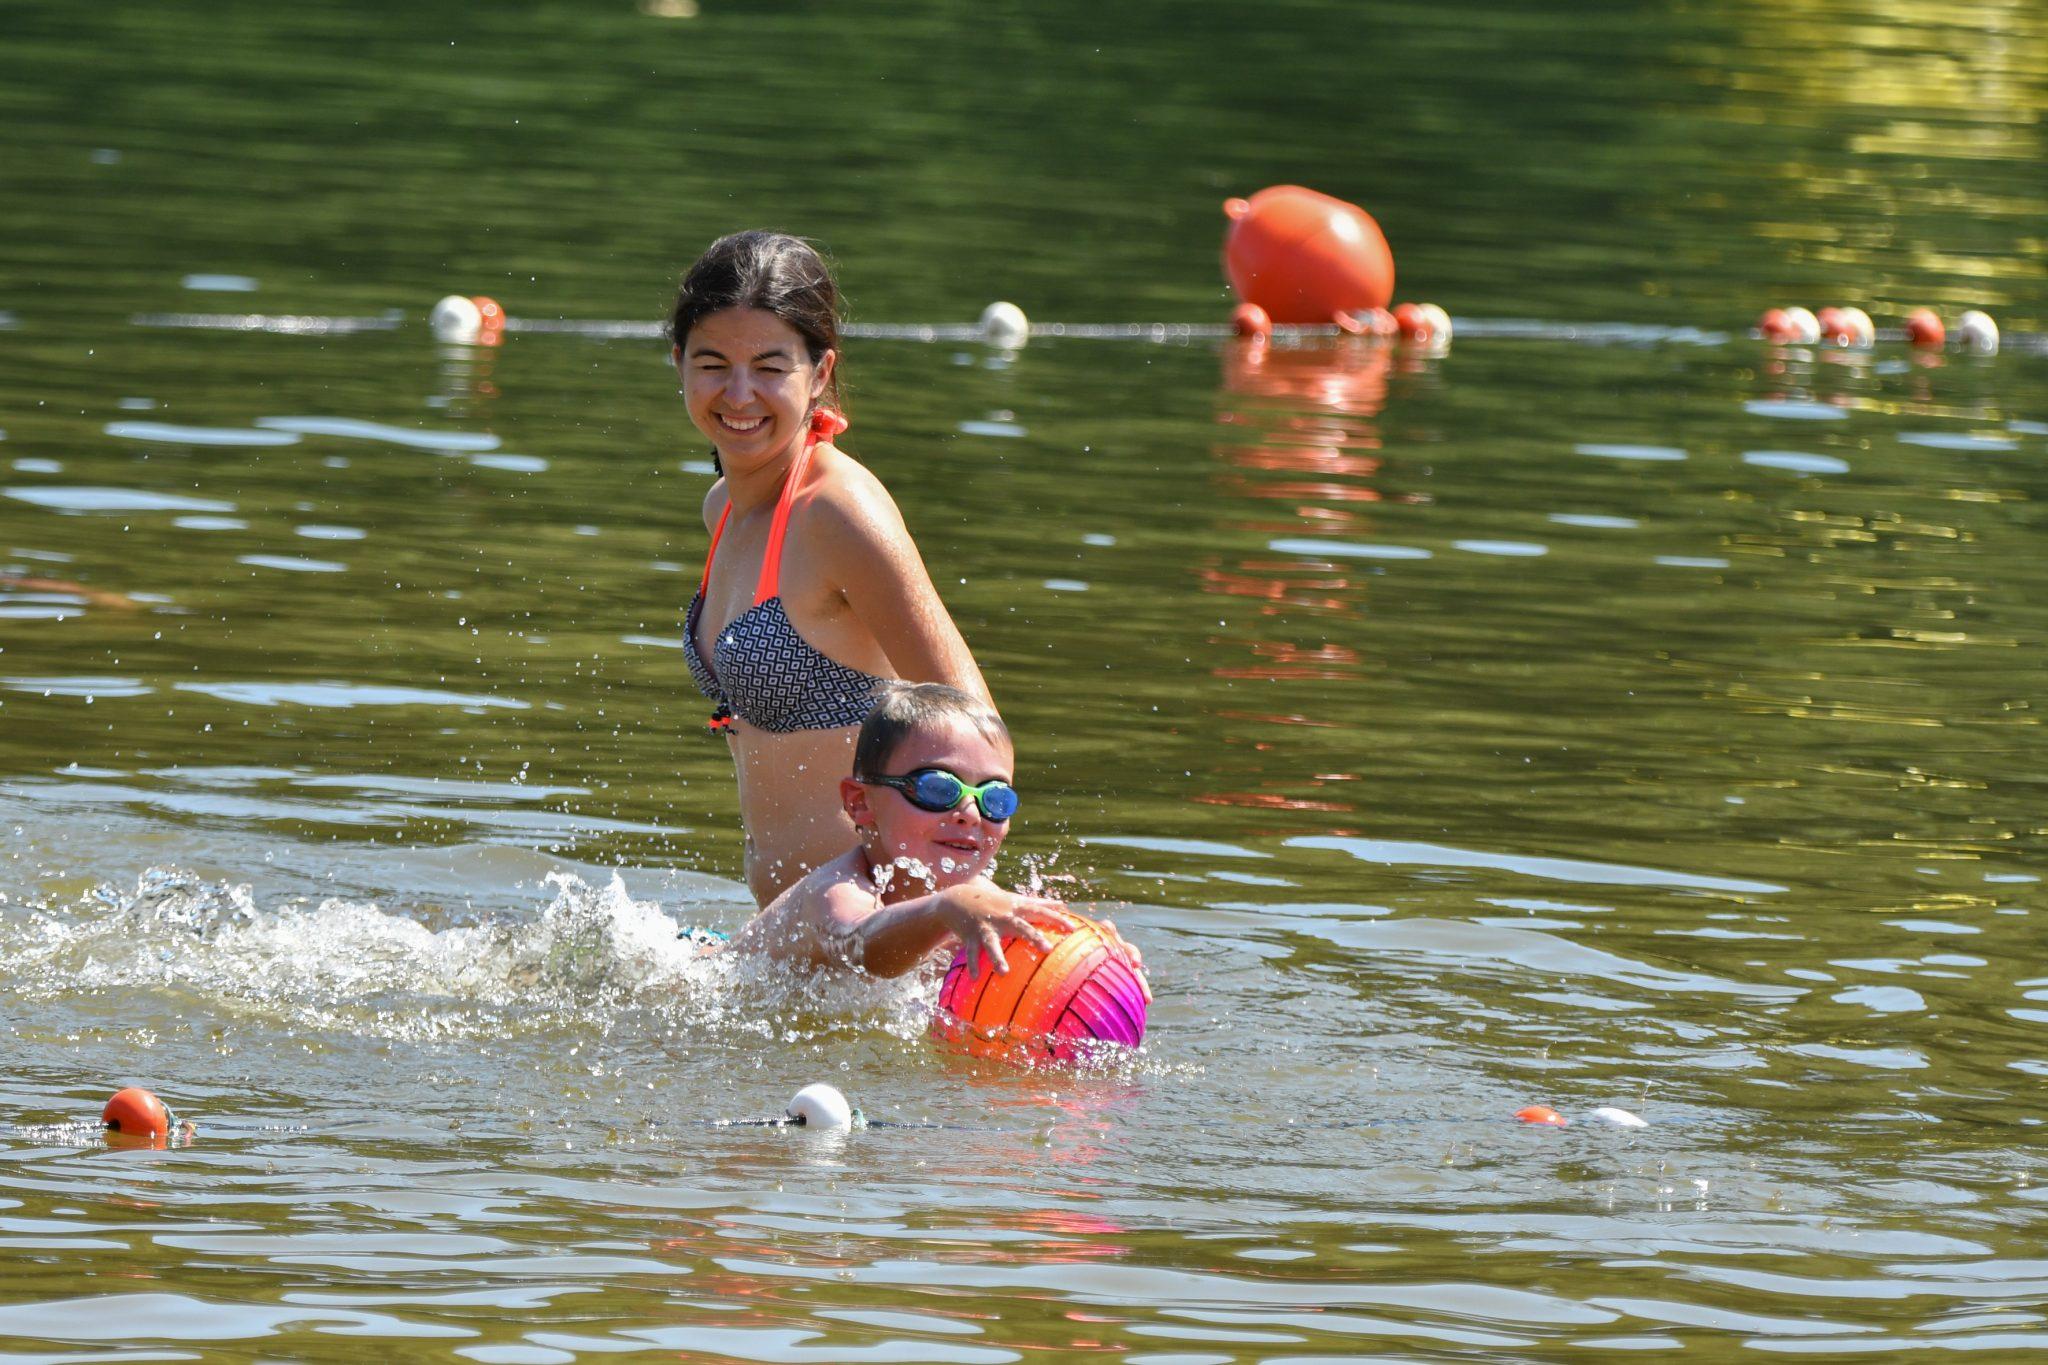 baignade-lac-levezou-enfants@richard-storchi